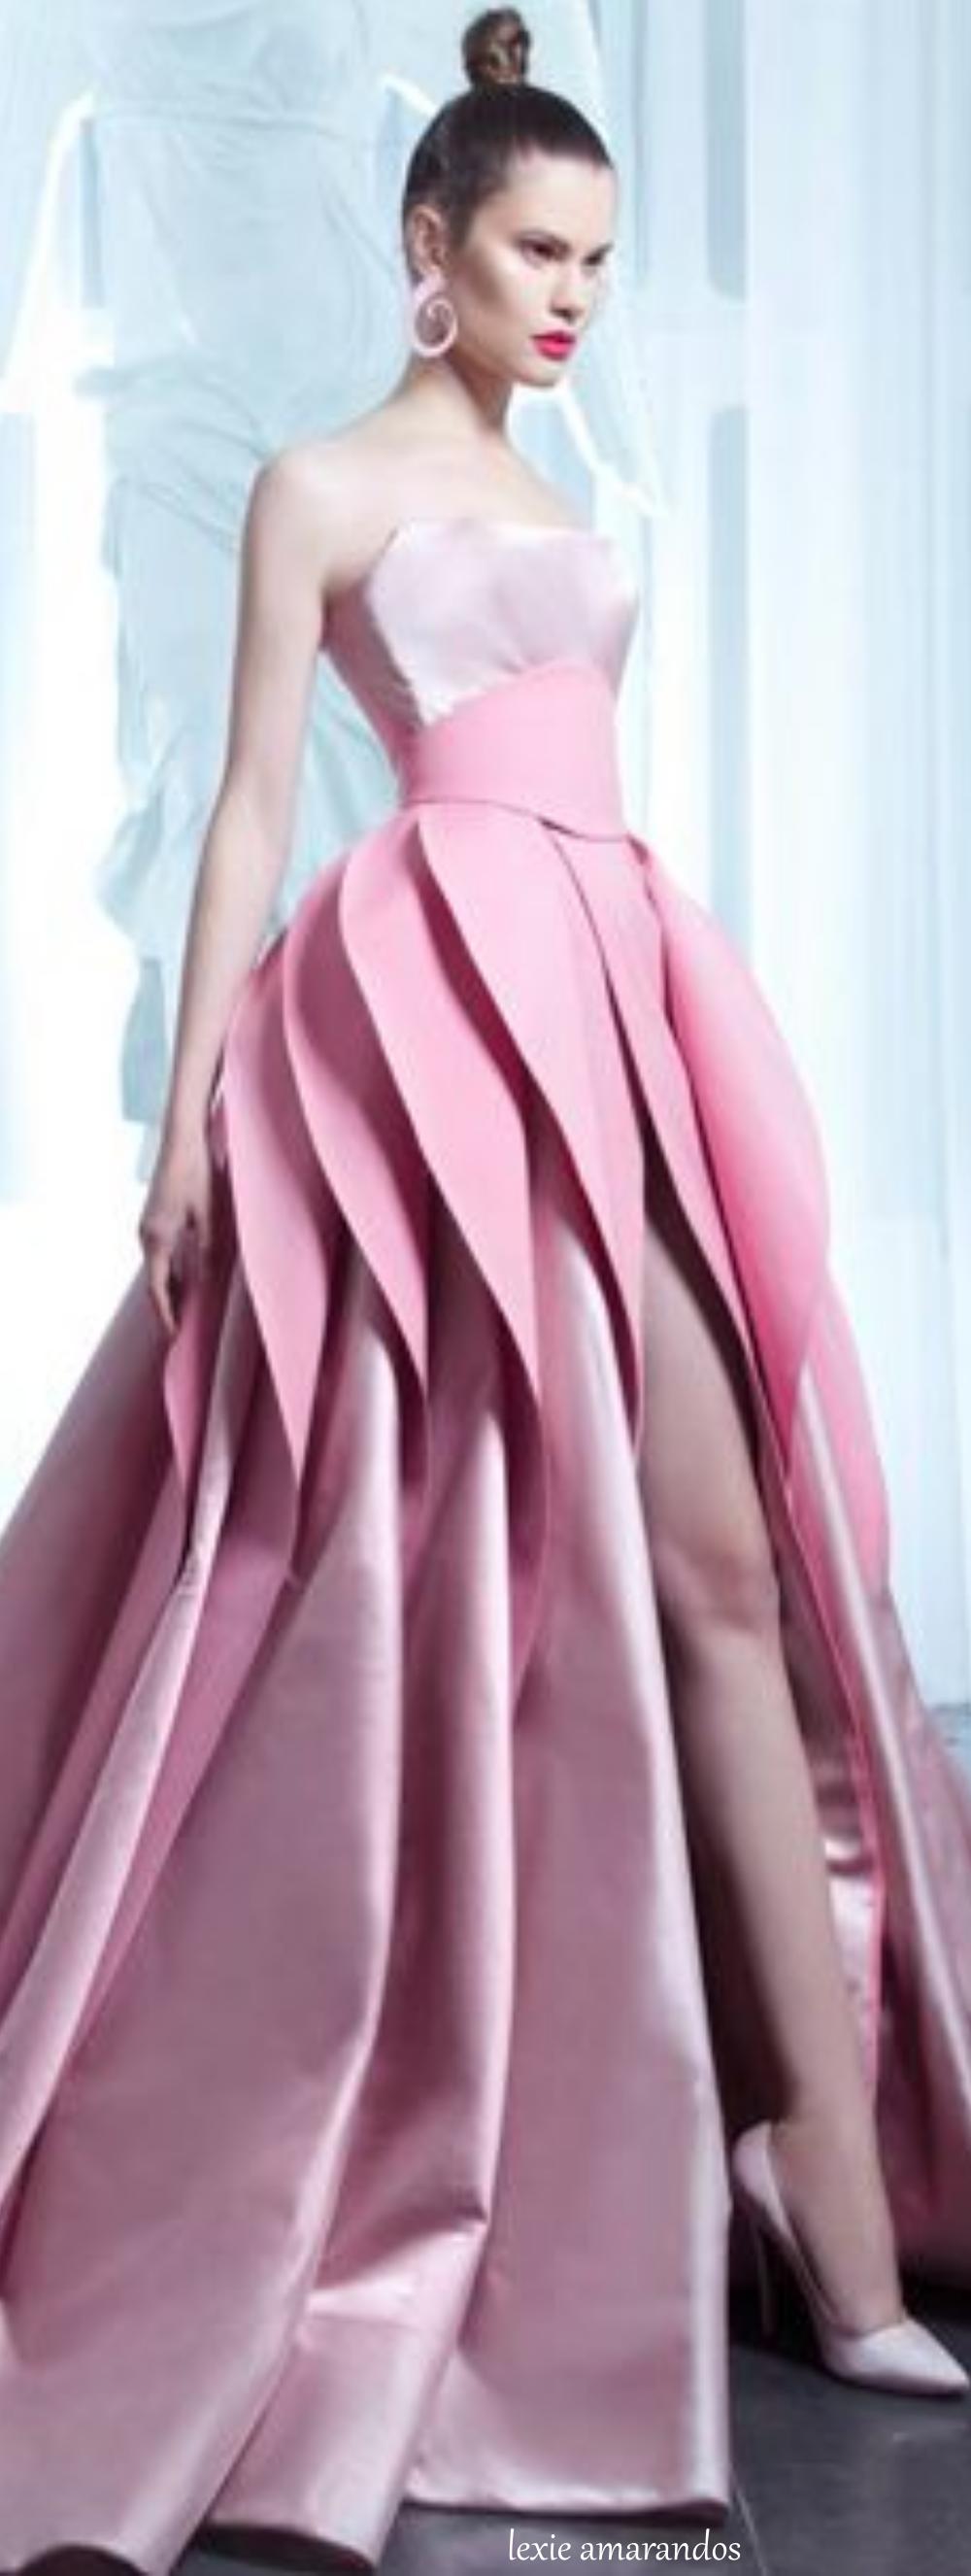 Excepcional Destino Trajes De Novia Galería - Colección de Vestidos ...